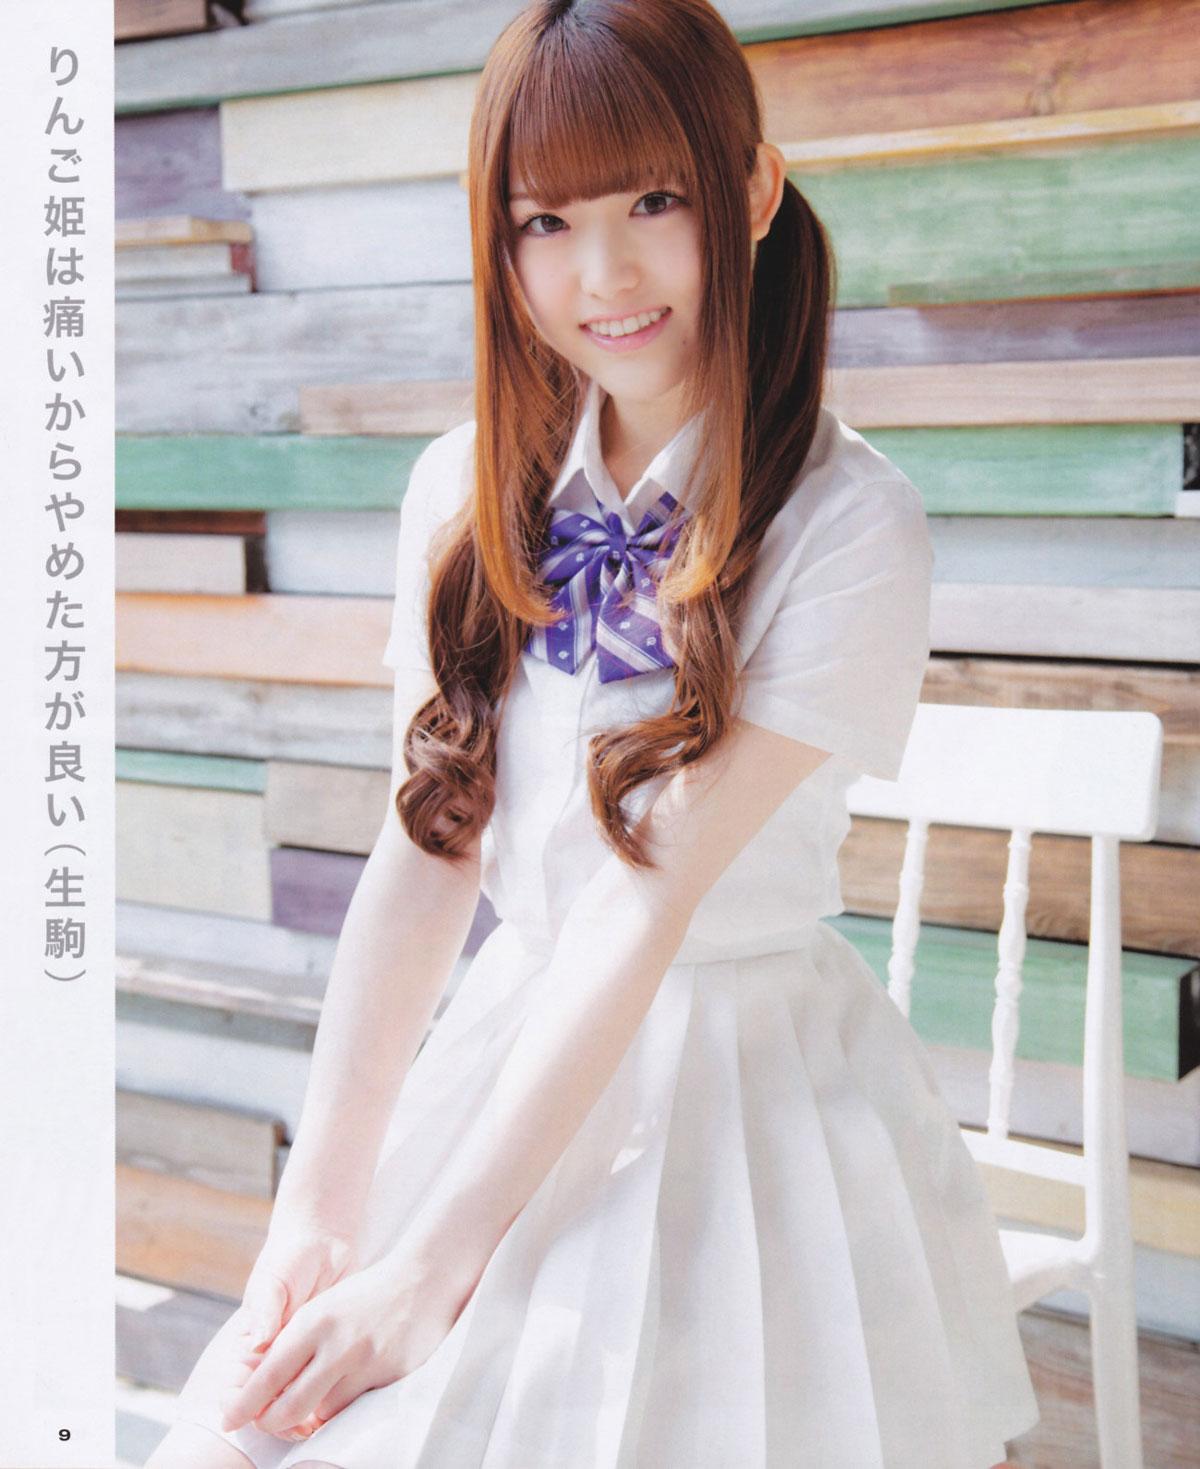 Nogizaka46 Sayuri Matsumura school girl